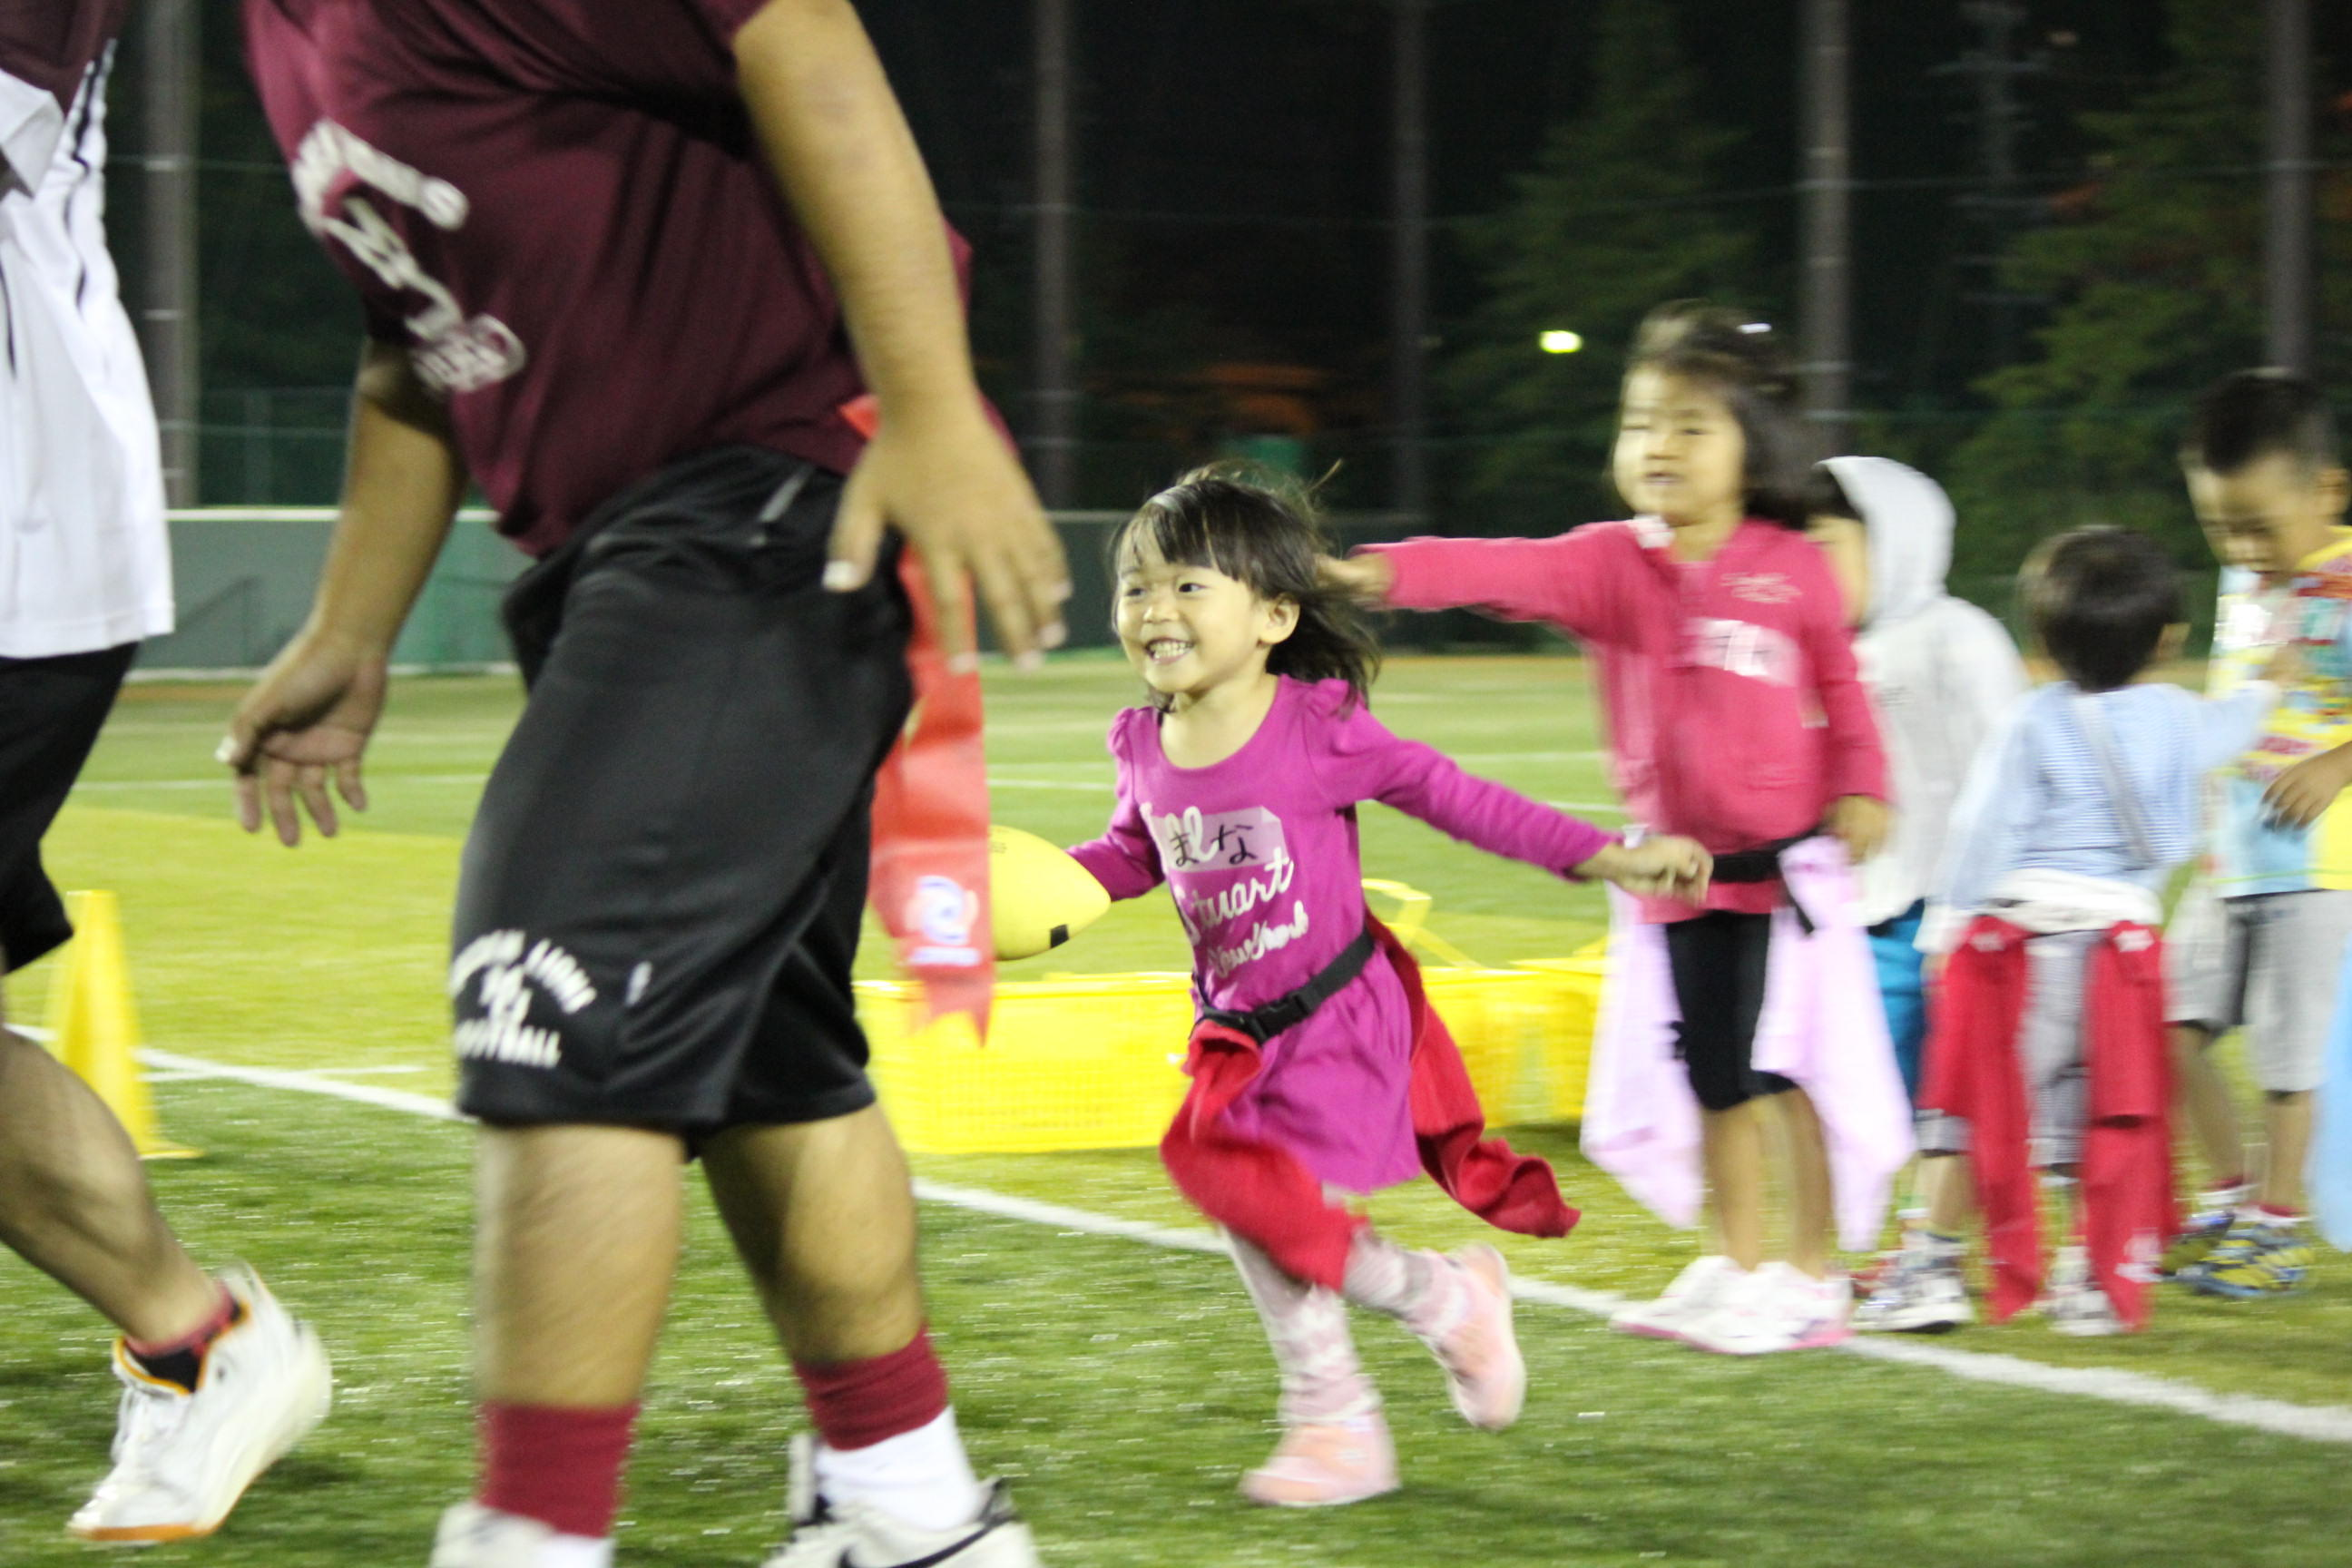 「フラッグフットボール教室」で楽しむ子どもたち